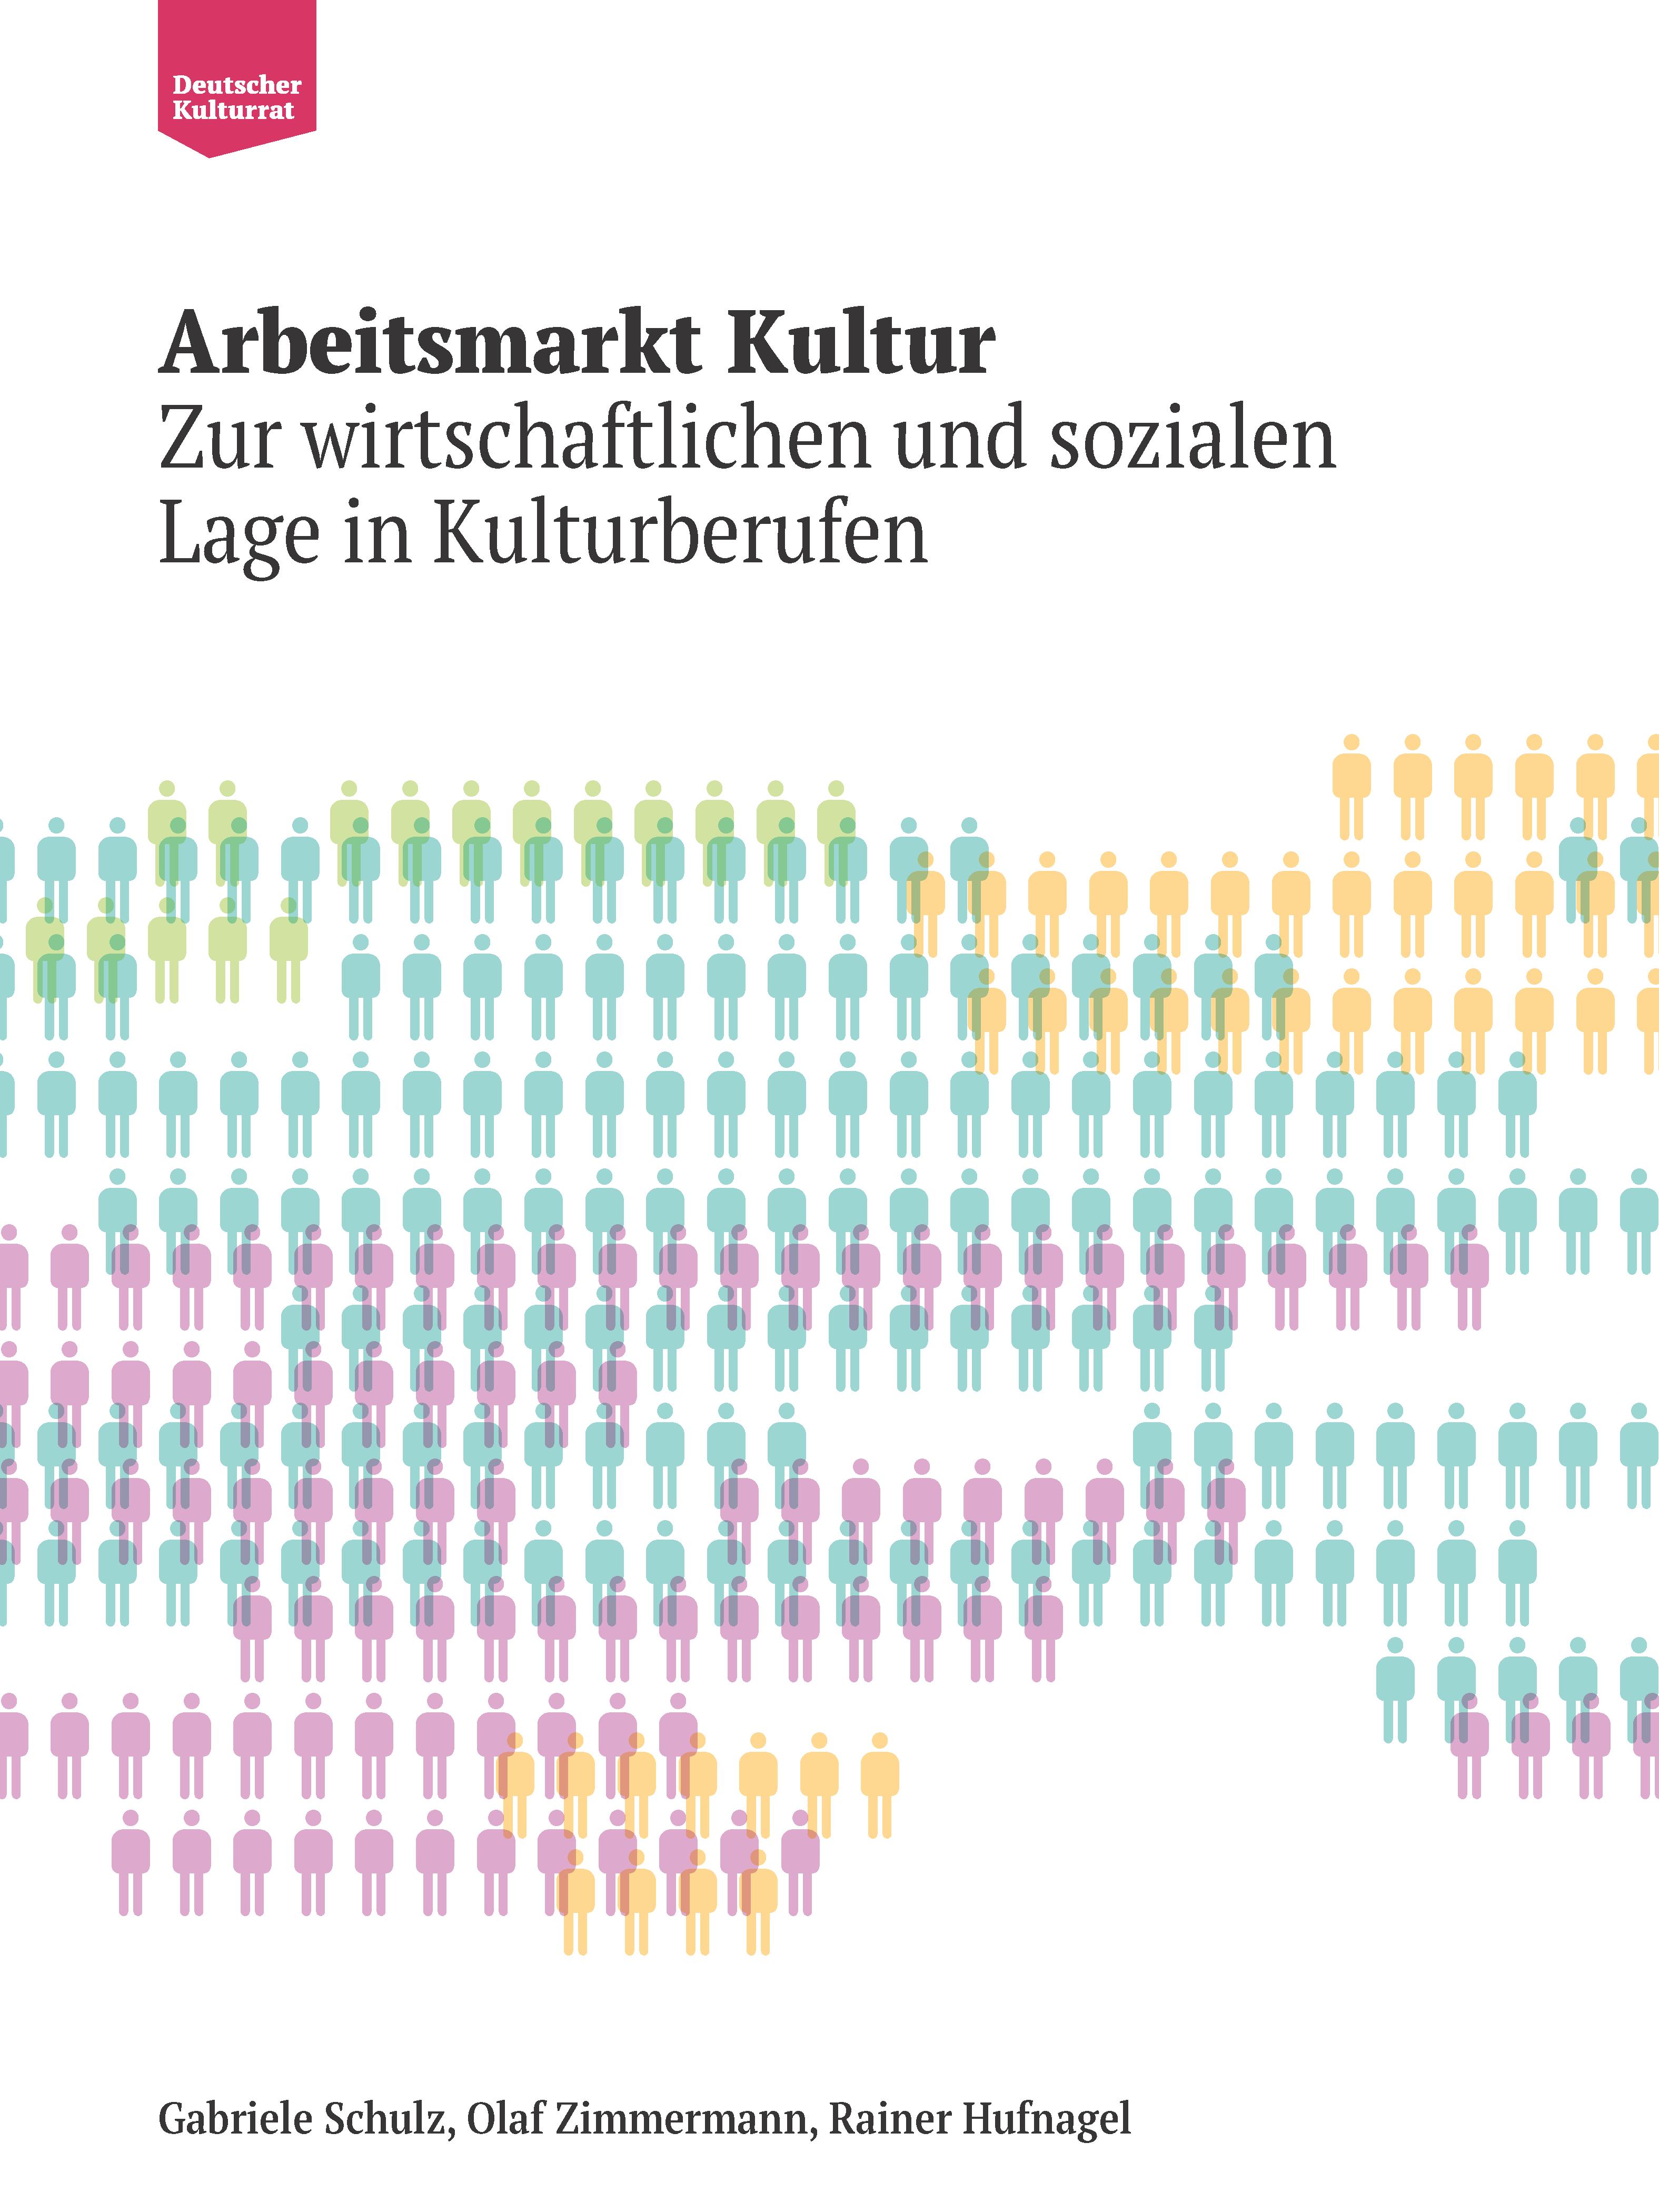 studie-arbeitsmarkt-kultur-2013 1